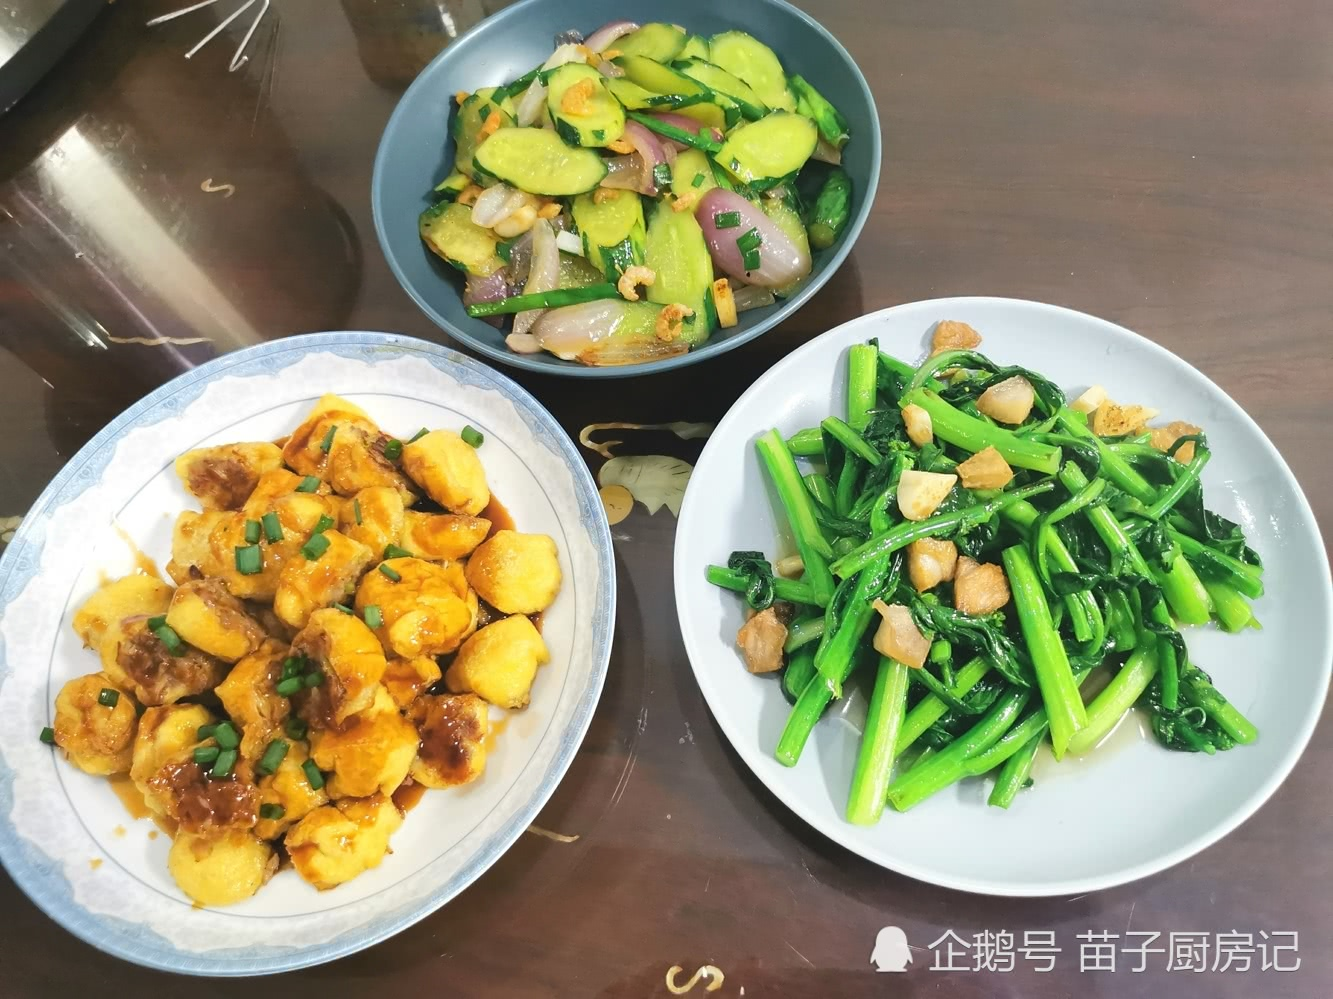 3口人的晚餐,豆腐泡这样做酸酸甜甜,开胃消食,全家给赞